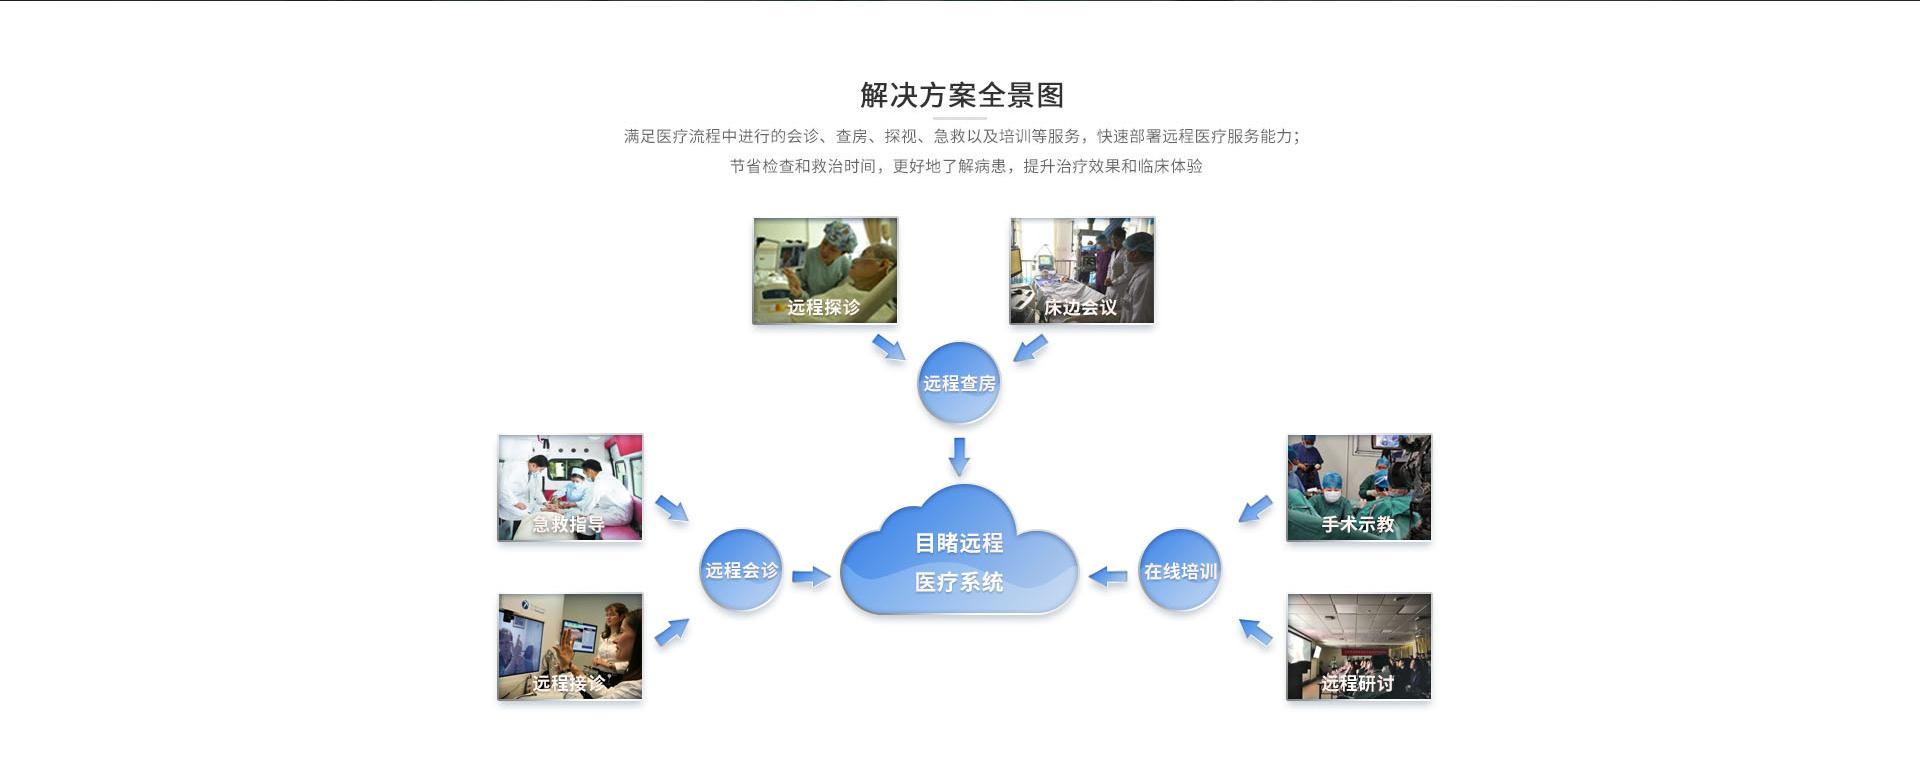 远程医疗画板02.jpg